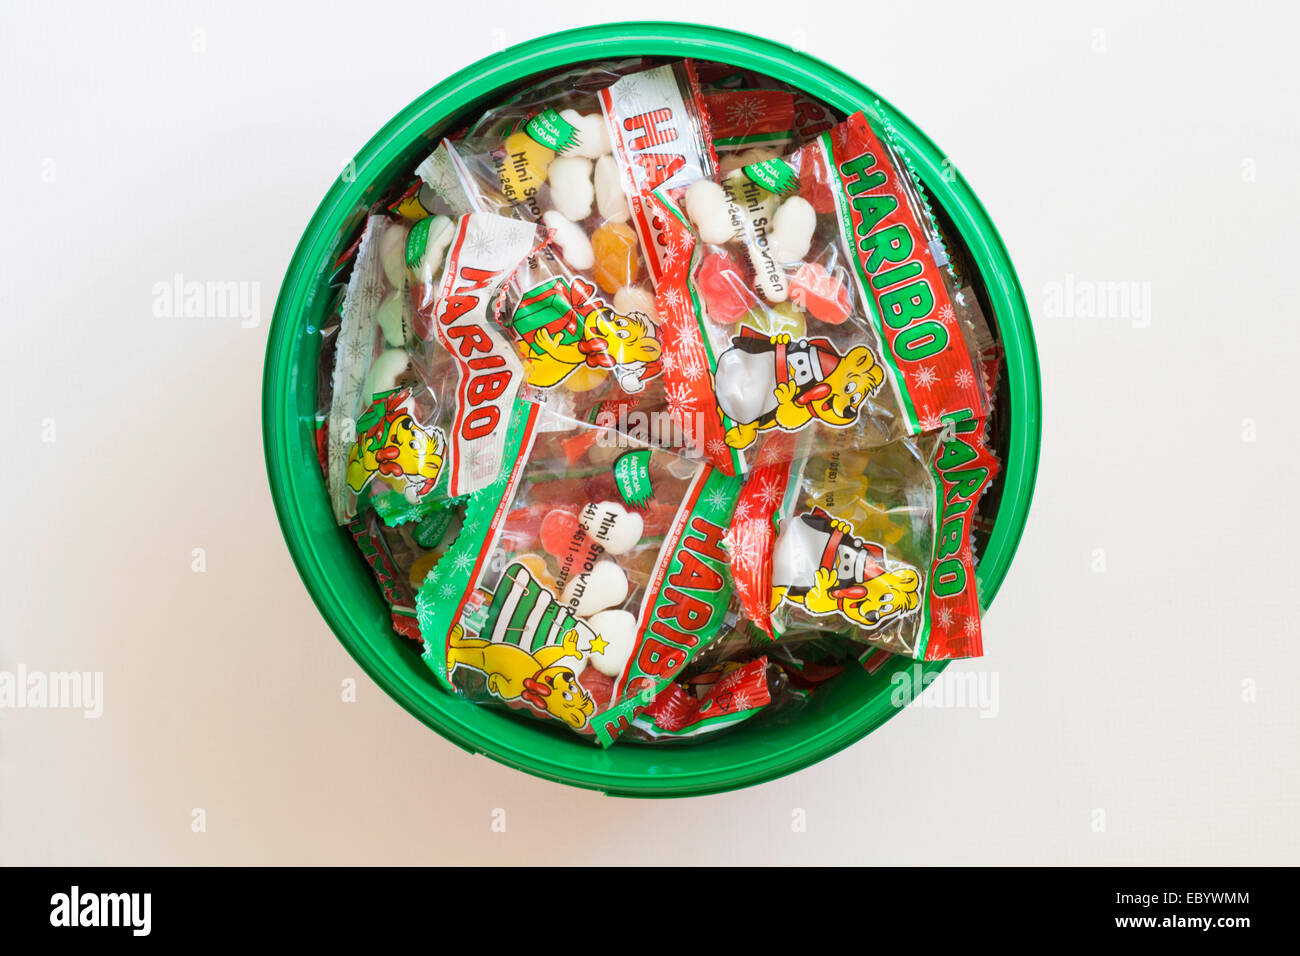 Haribo Weihnachten.Wanne Haribo Weihnachtsauswahl Stockfotos Wanne Haribo